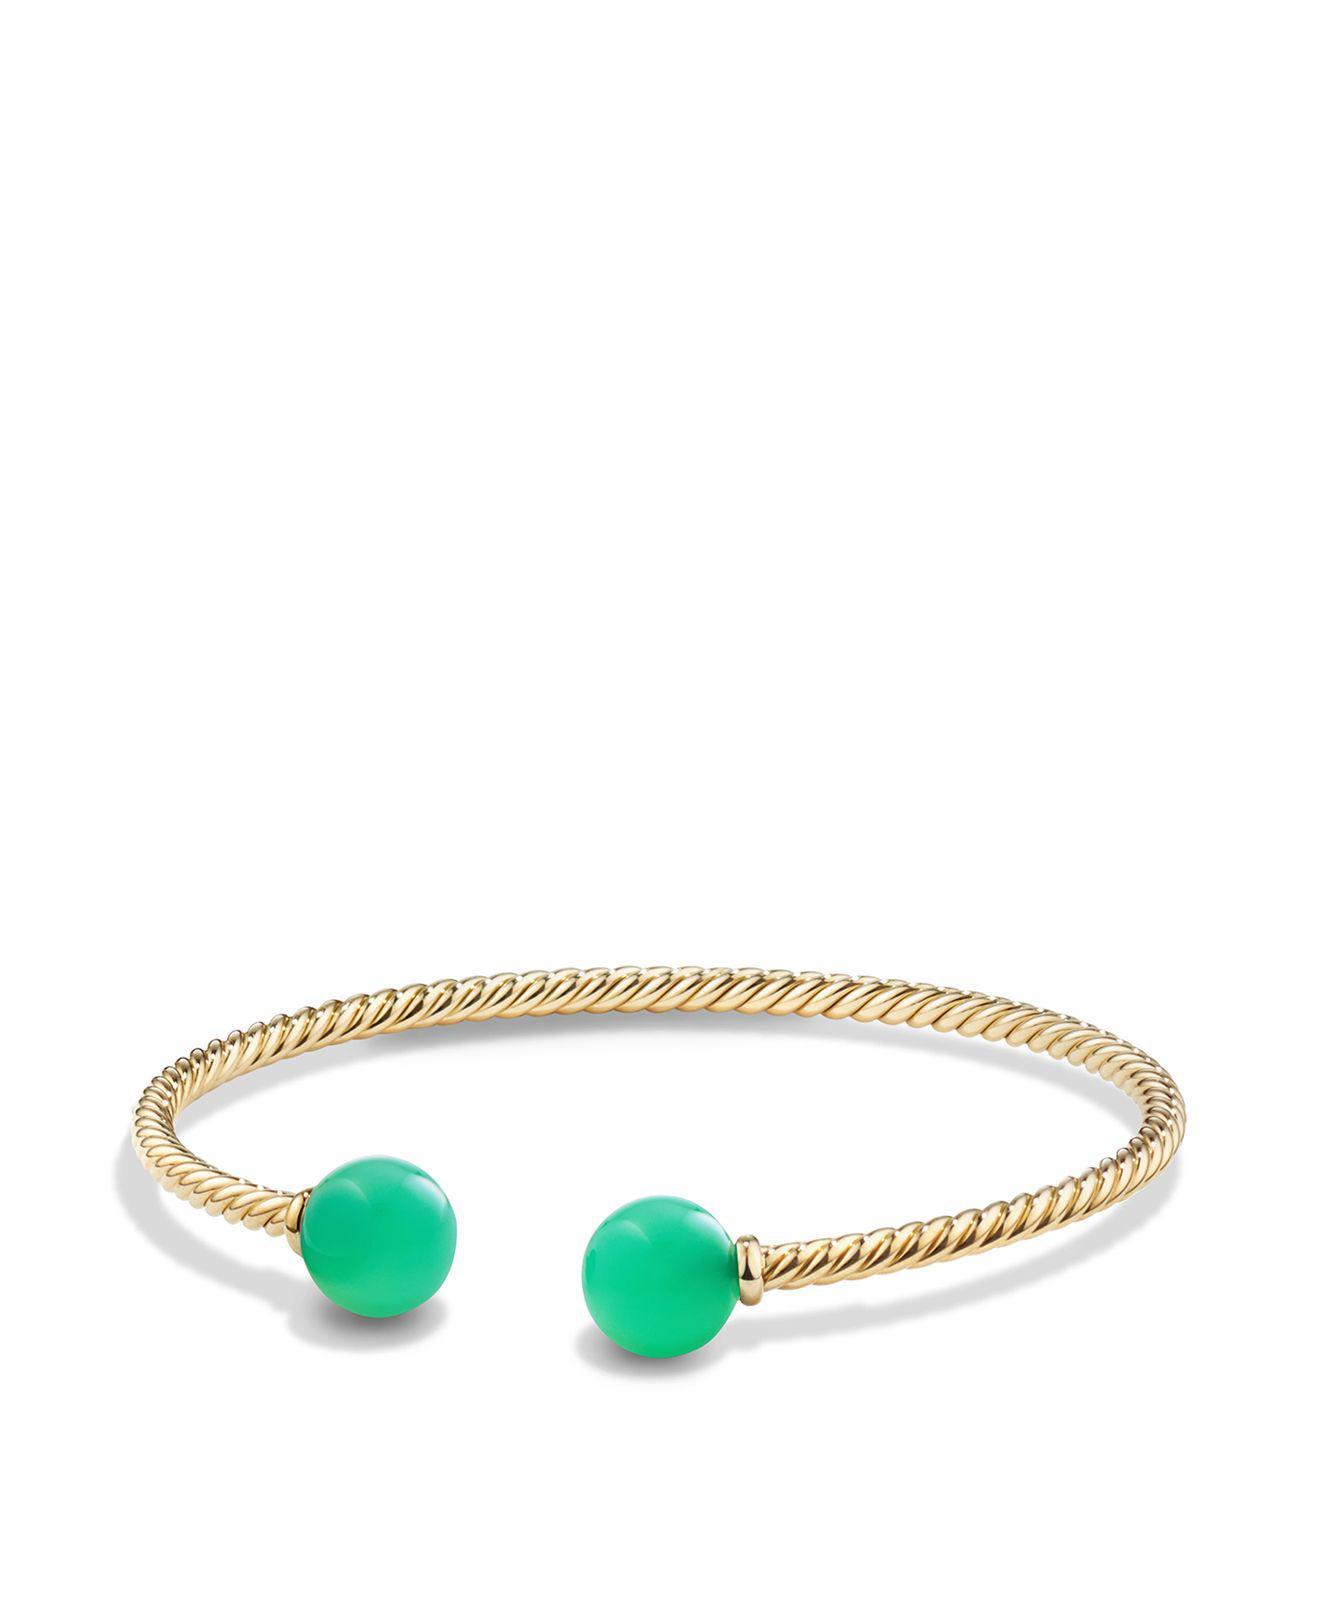 David Yurman 18kt yellow gold Solari chrysoprase bead cuff bracelet - Green s0qO9PVF7